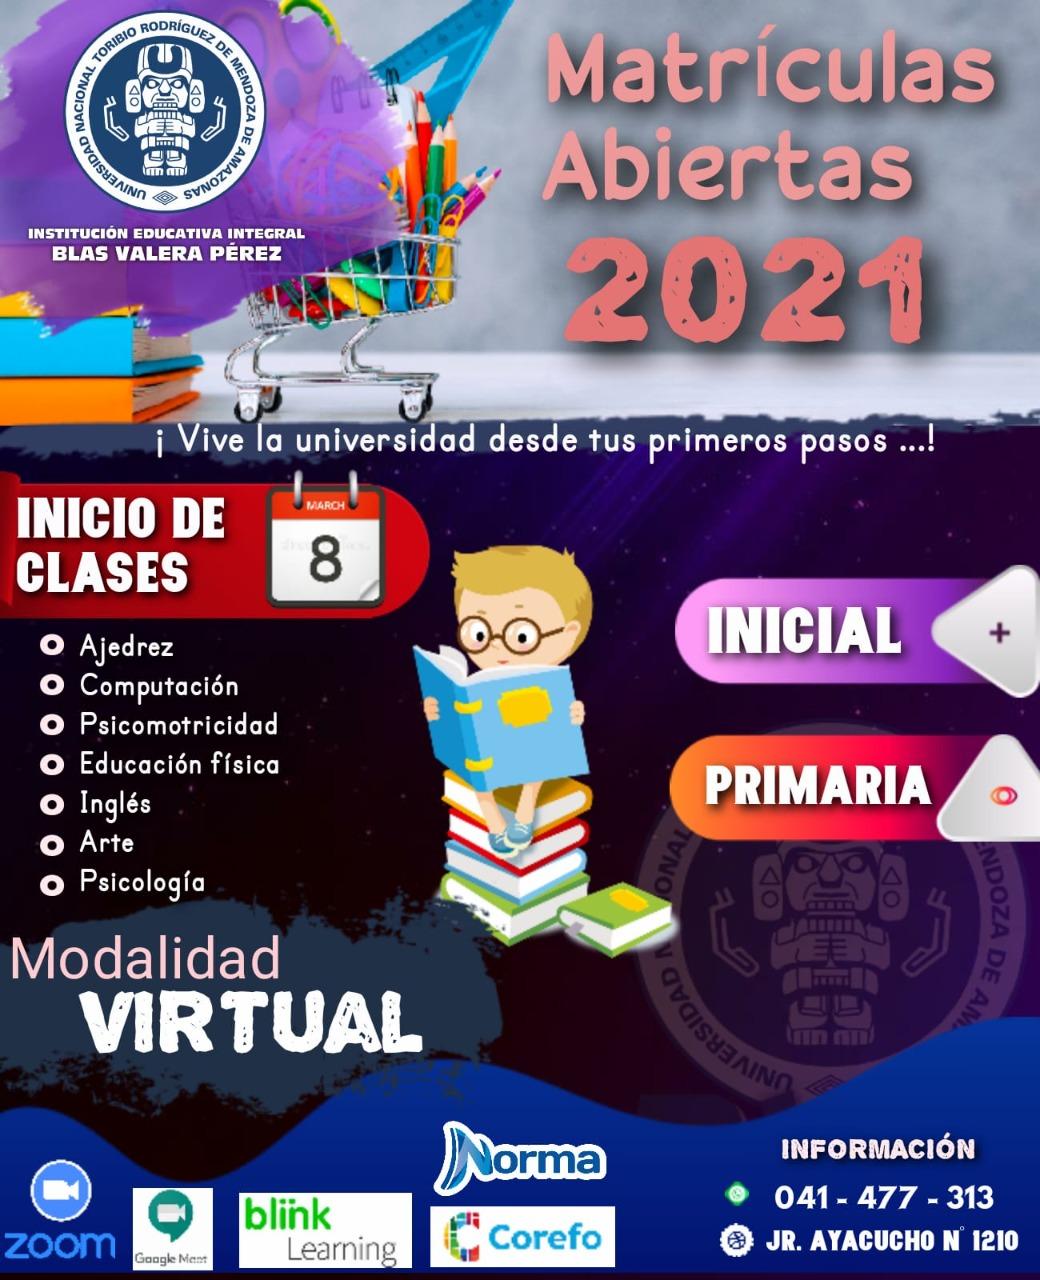 https://www.untrm.edu.pe/images/Publicidad_Blas_valera_-_Afiche.jpeg